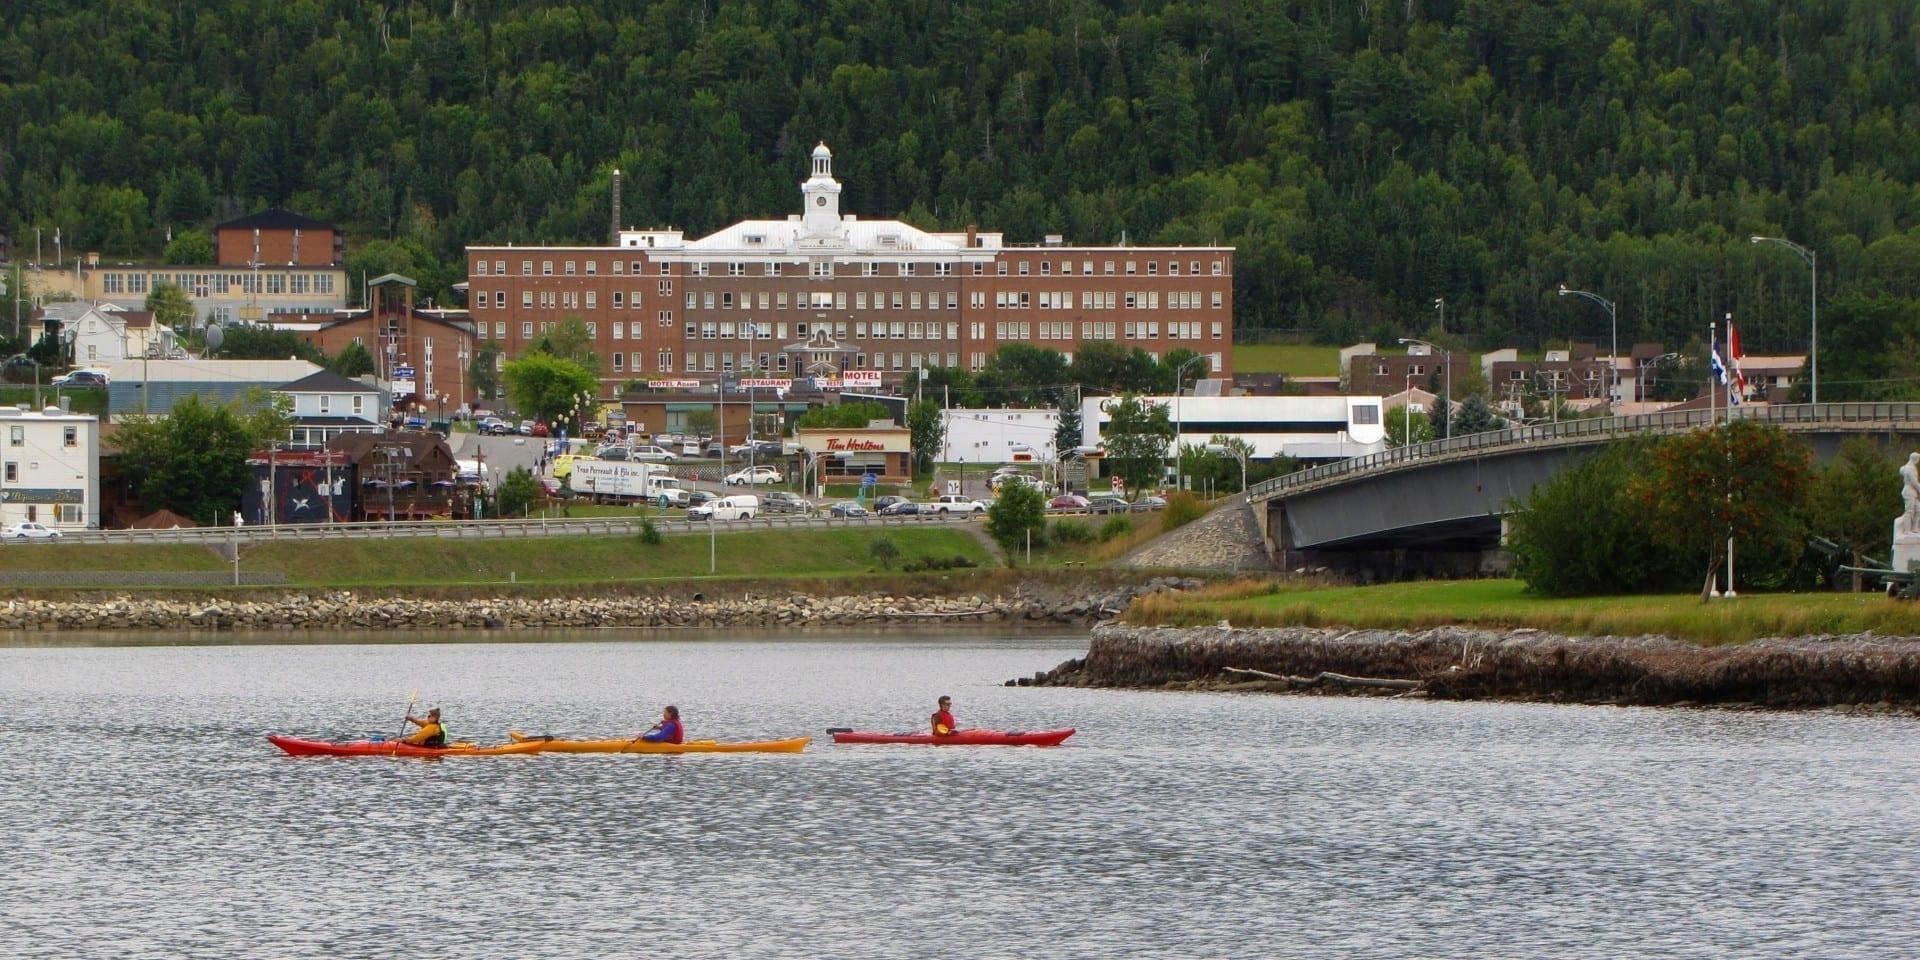 Vista del centro de la ciudad de Gaspé desde el otro lado de la bahía. Gaspé Canadá